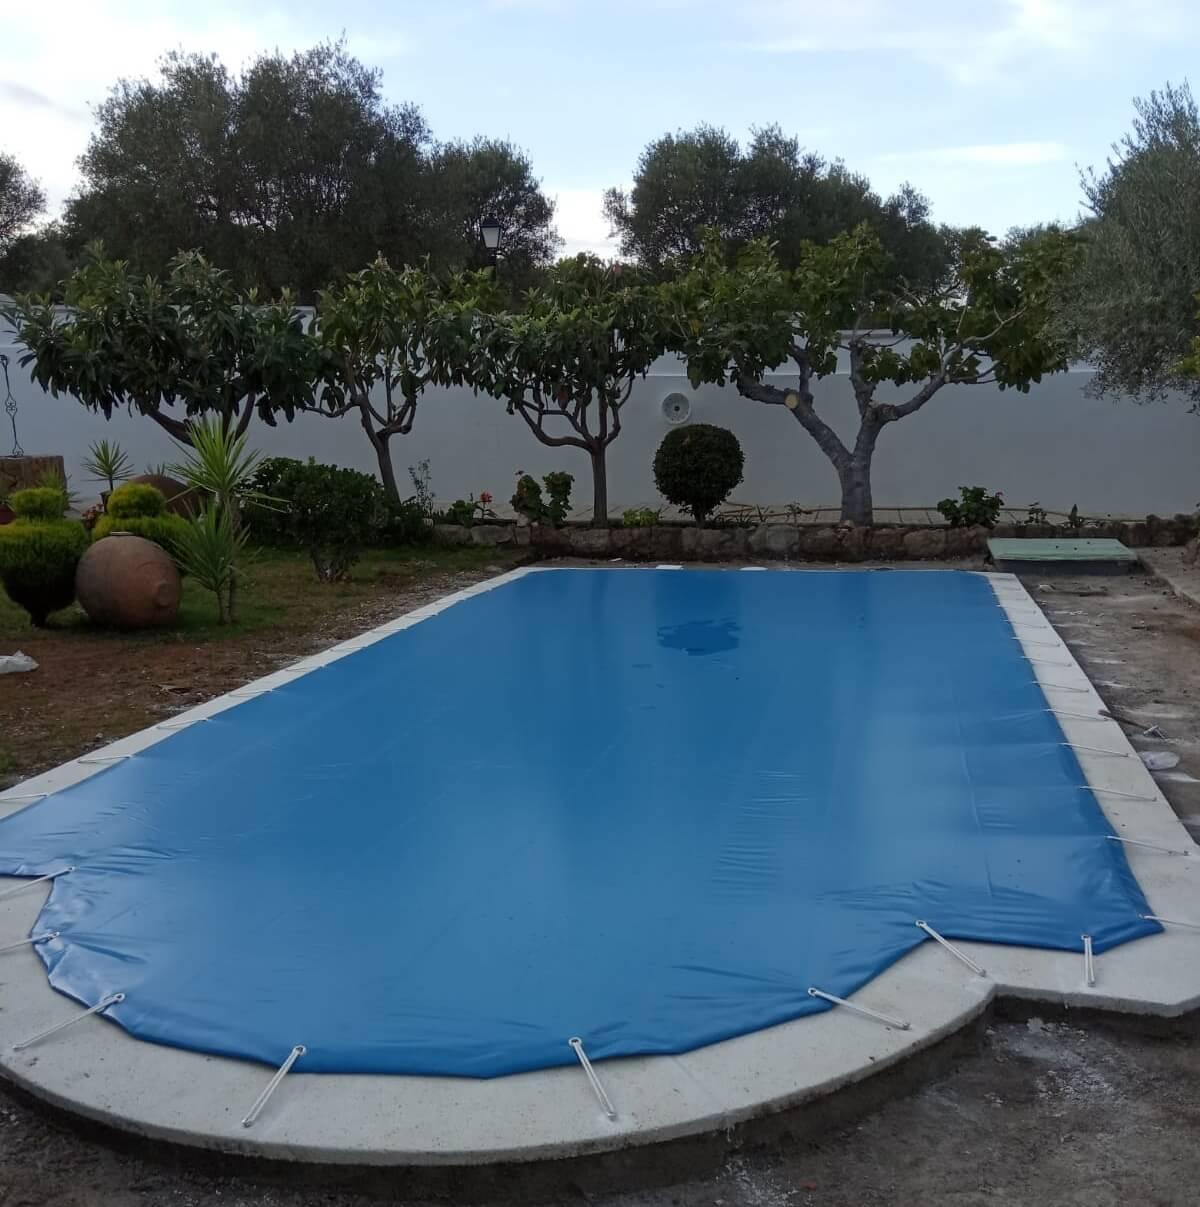 piscina exterior cubierta con lona de protección azul para el mal tiempo